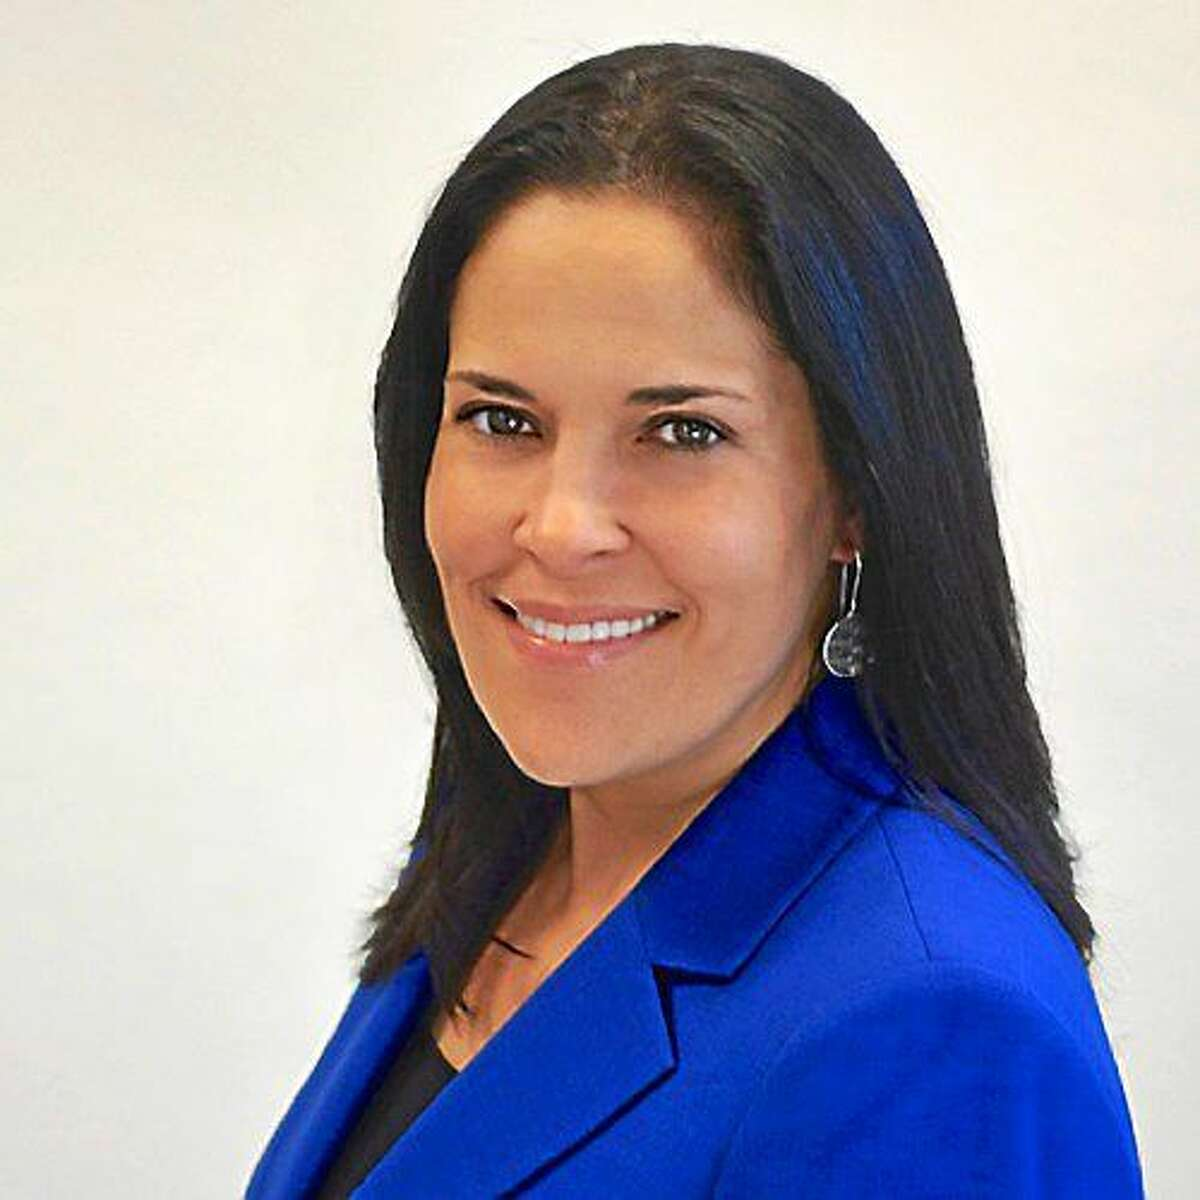 Nora Duncan, AARP's Connecticut Director